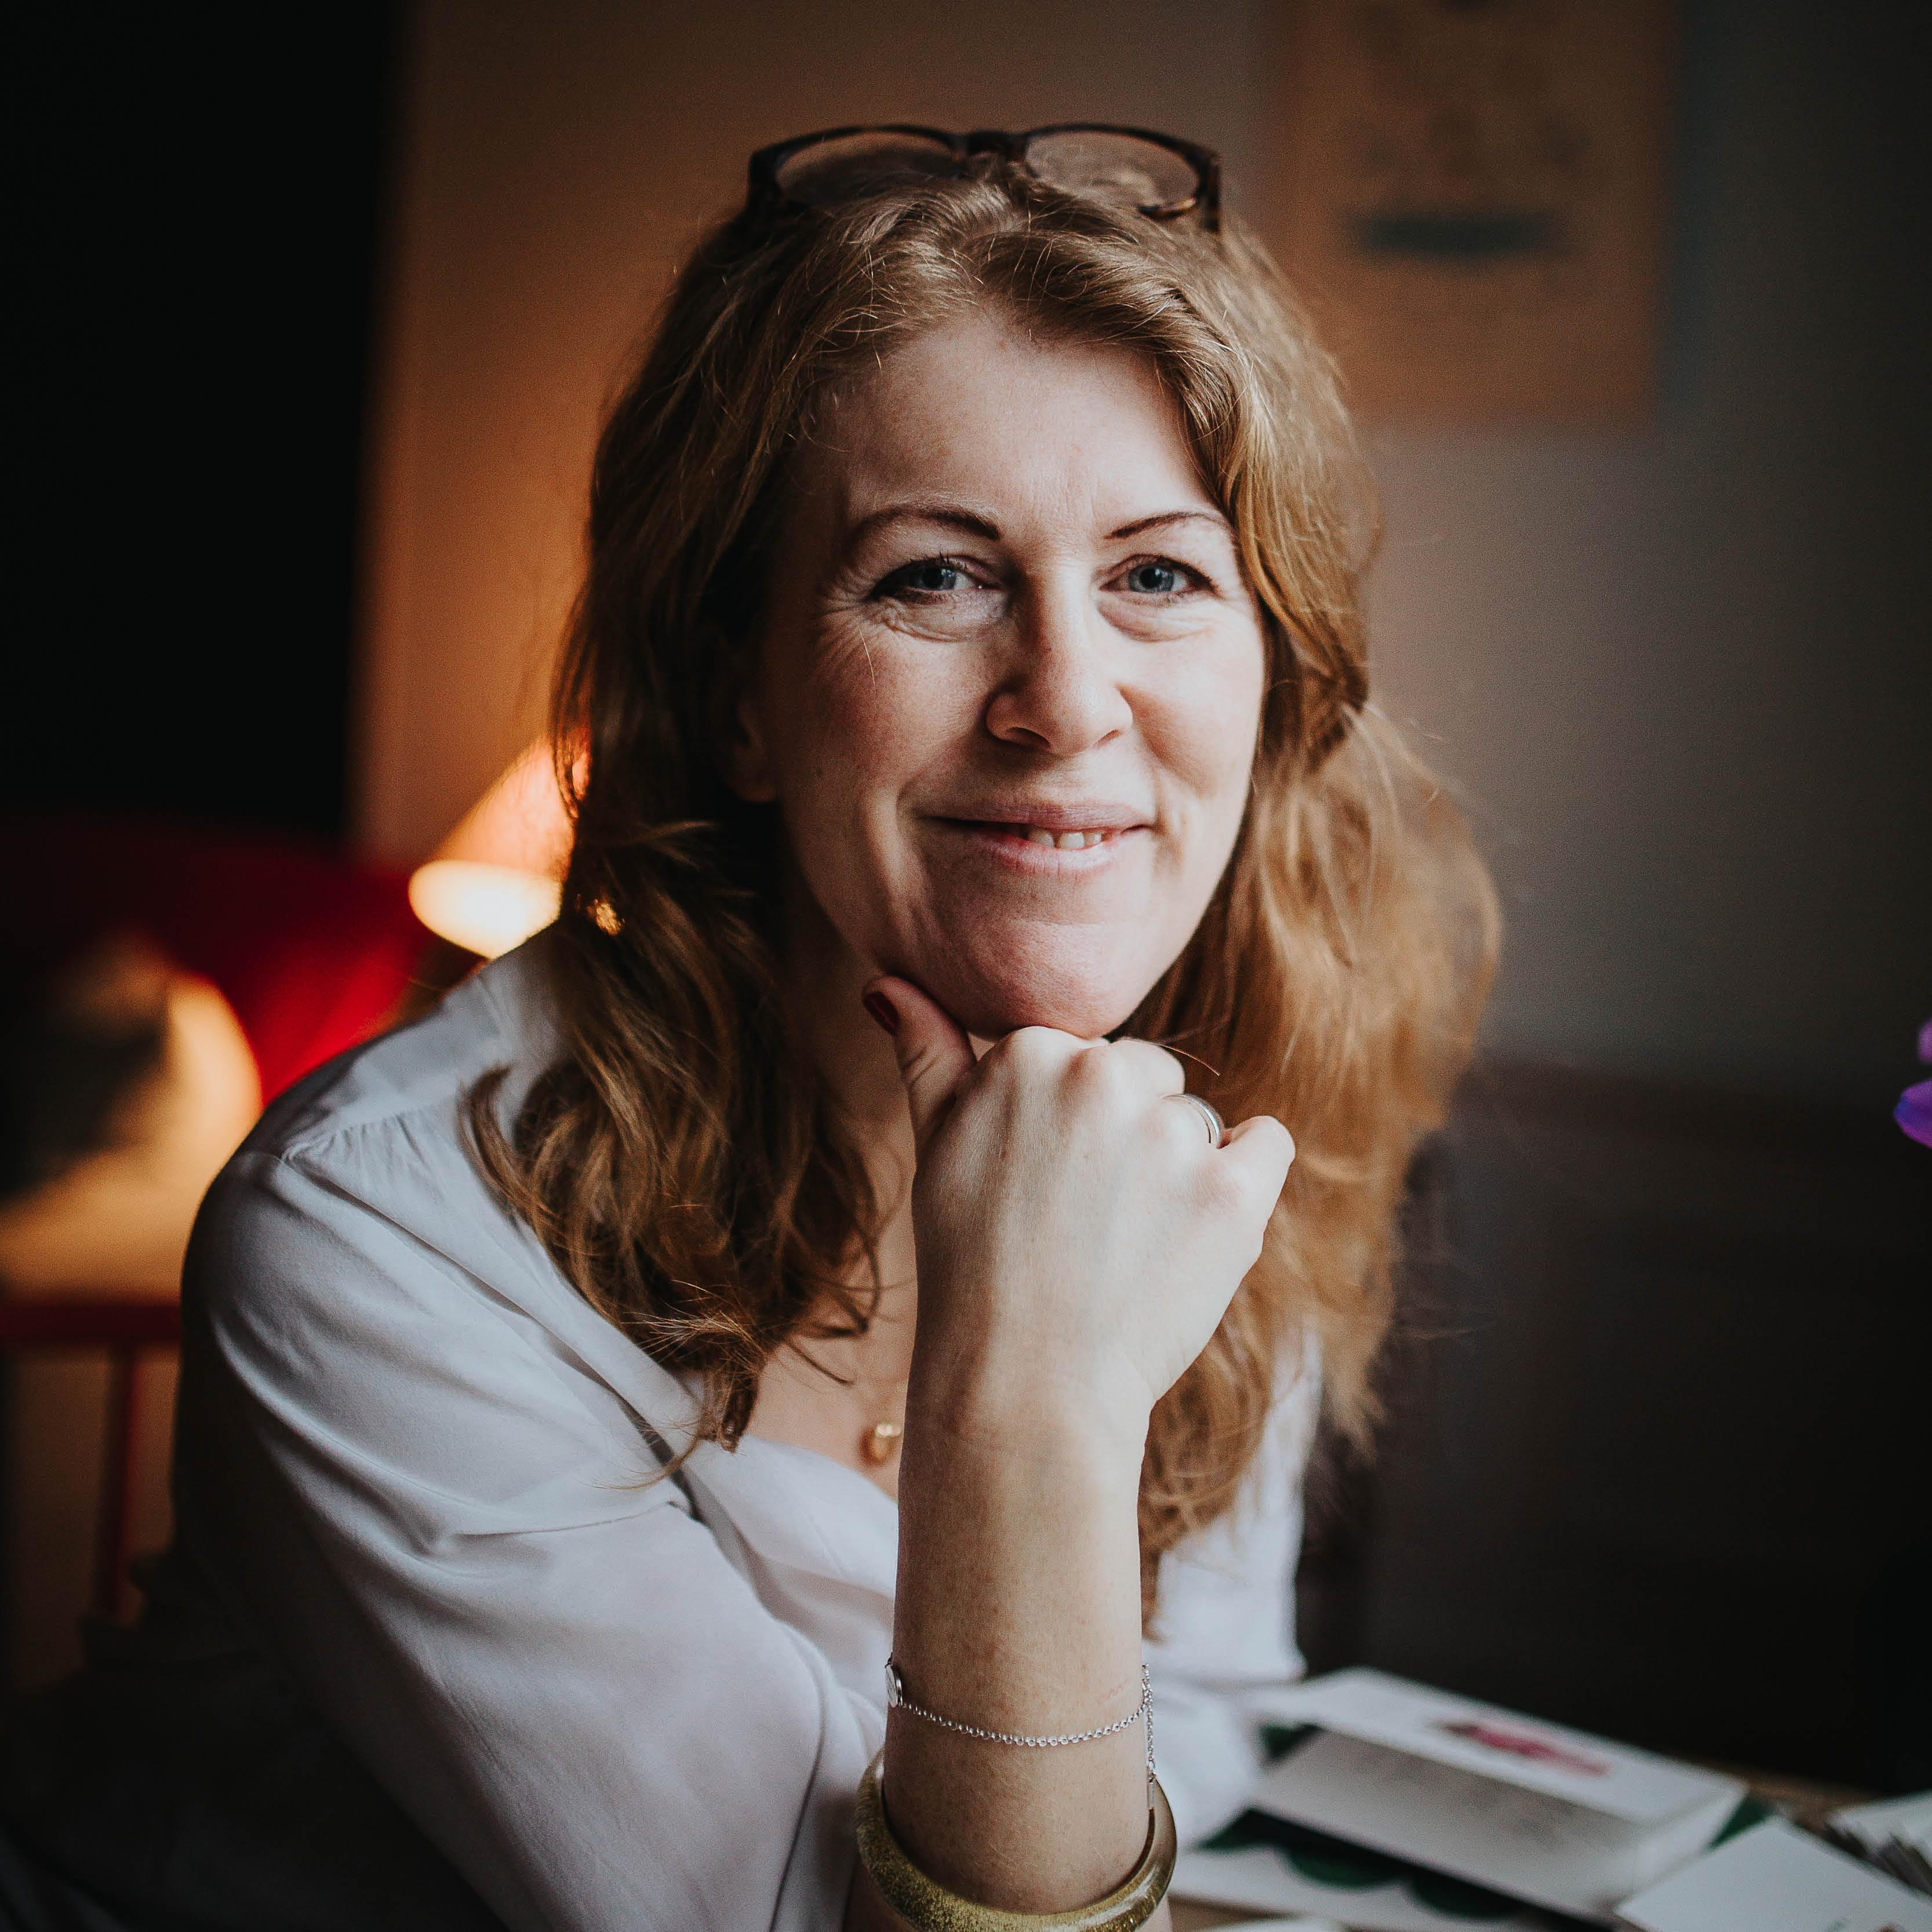 Mikaela Dyhlén